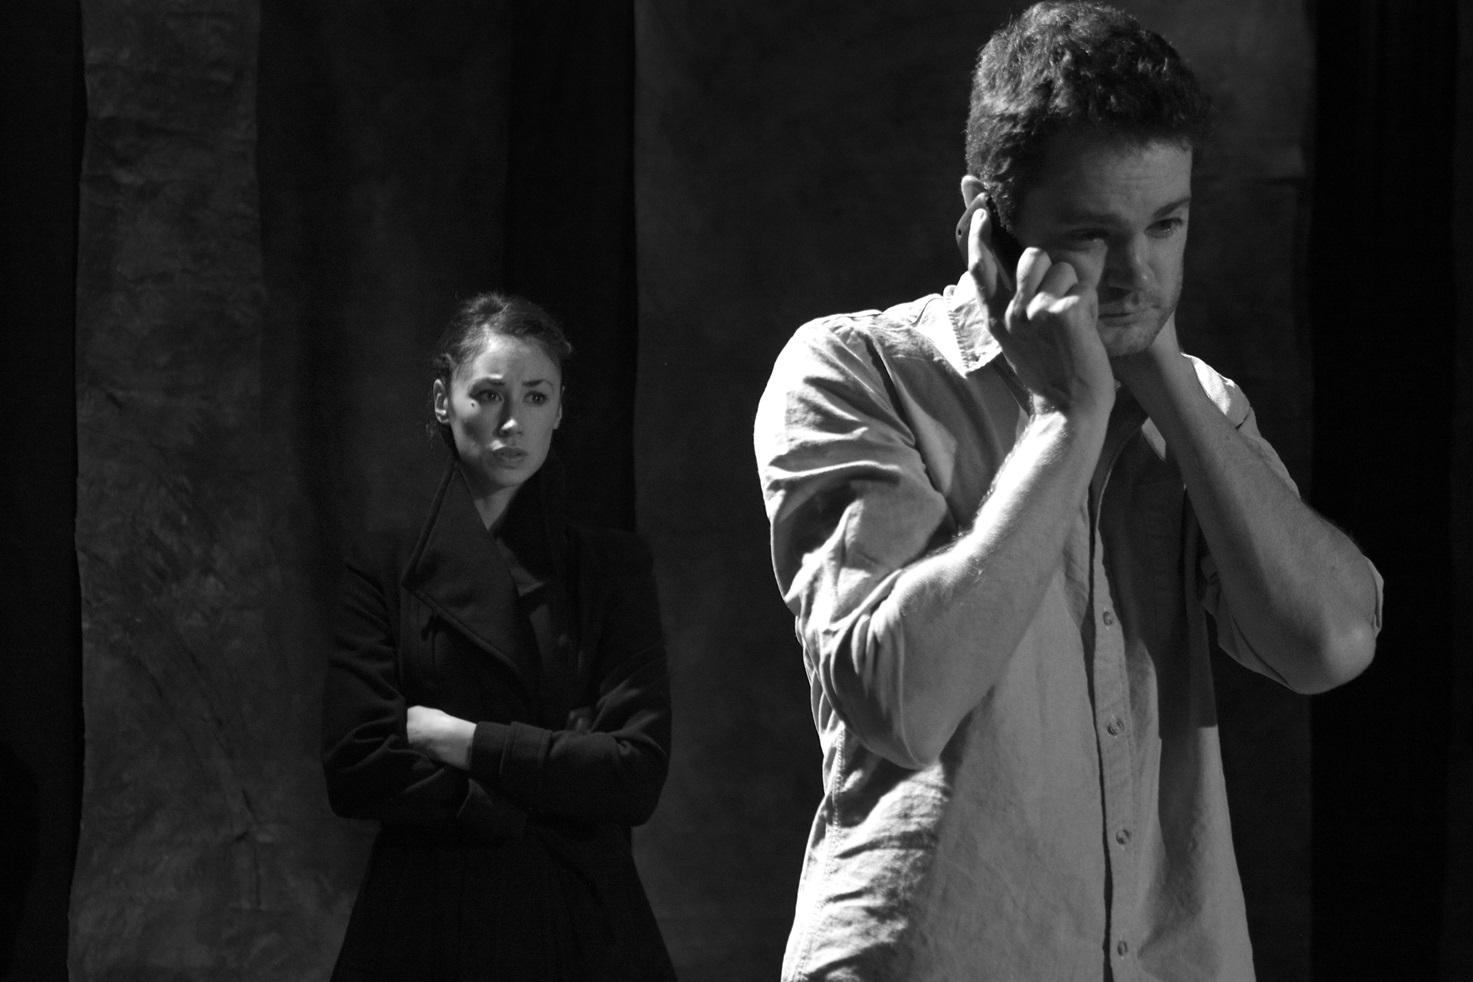 Actors: Siubhan Harrison & Simon Bubb Photograph:  stageshotslondon@gmail.com